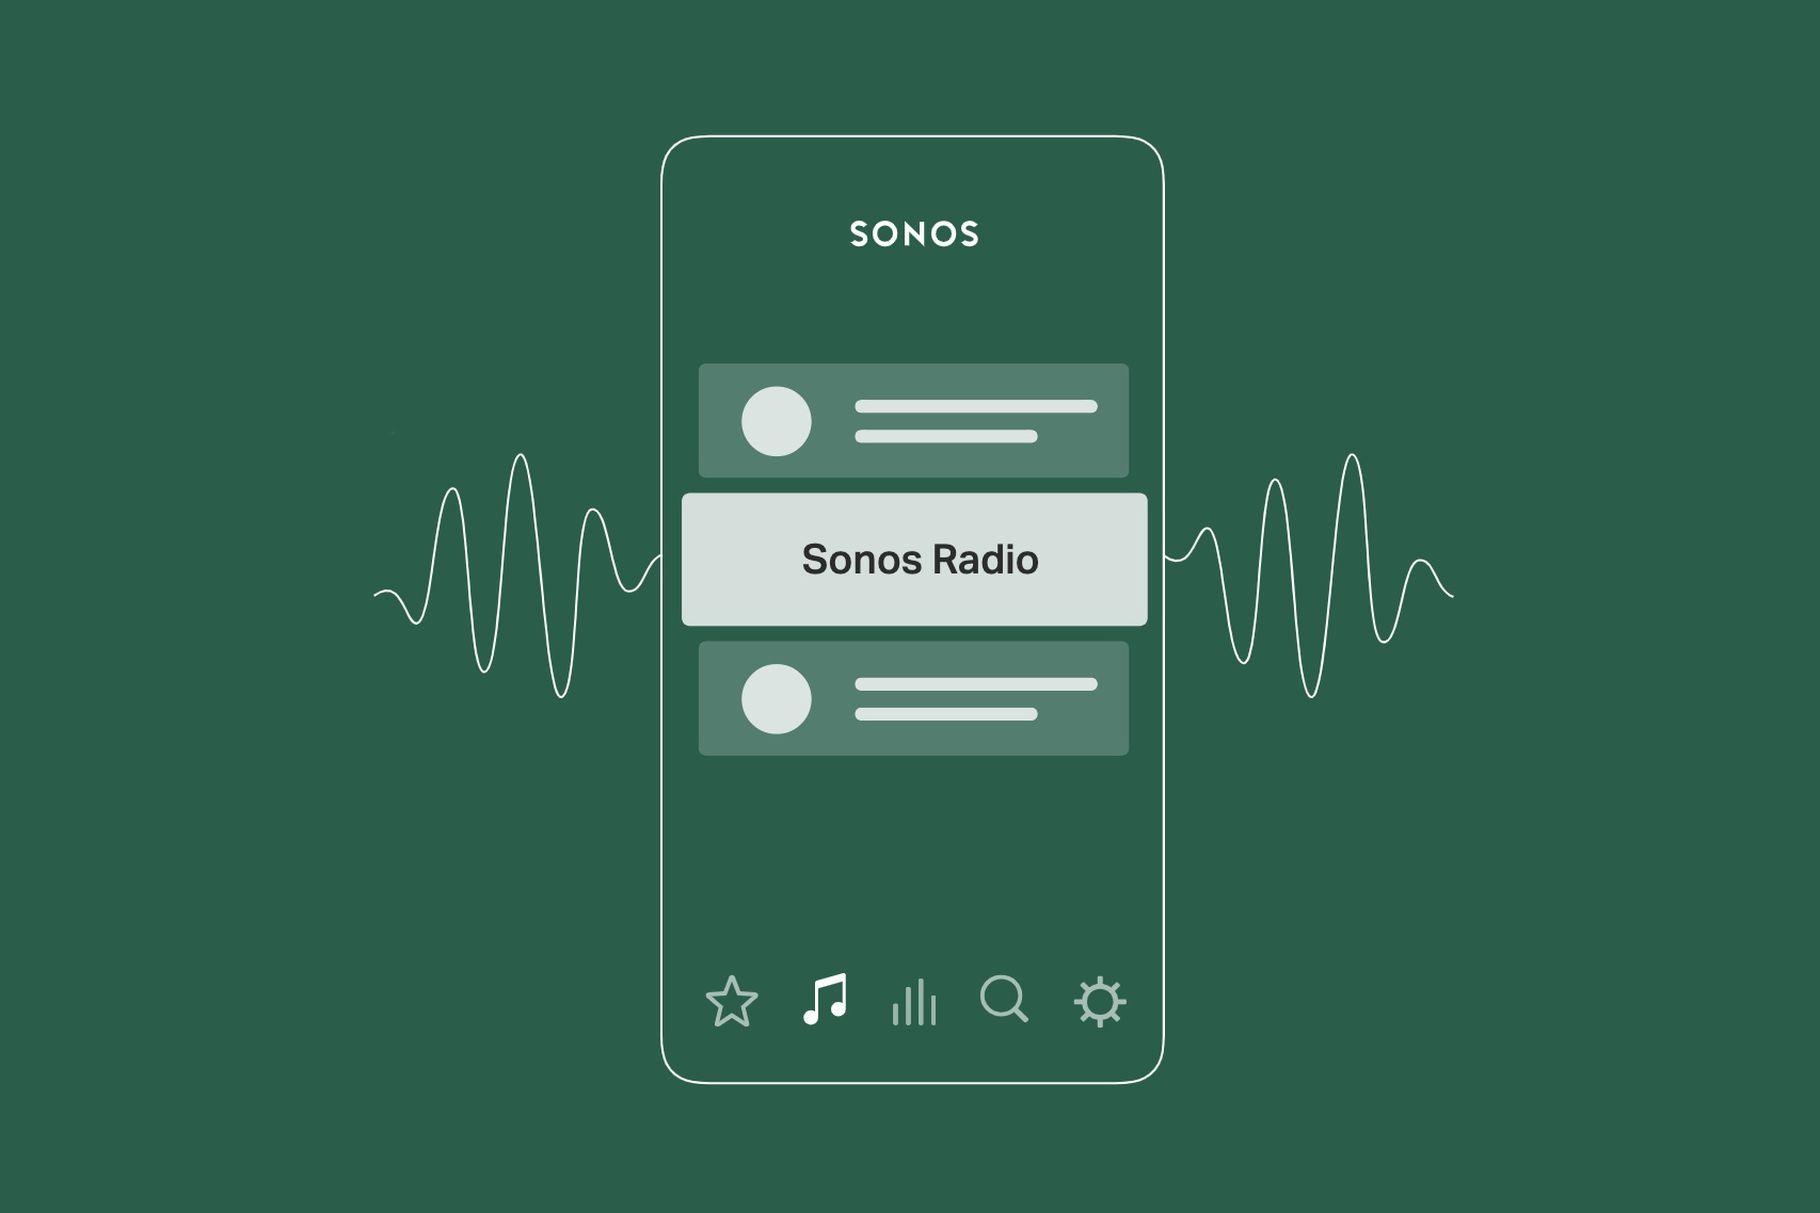 Sonos představil vlastní streamovací radio službu